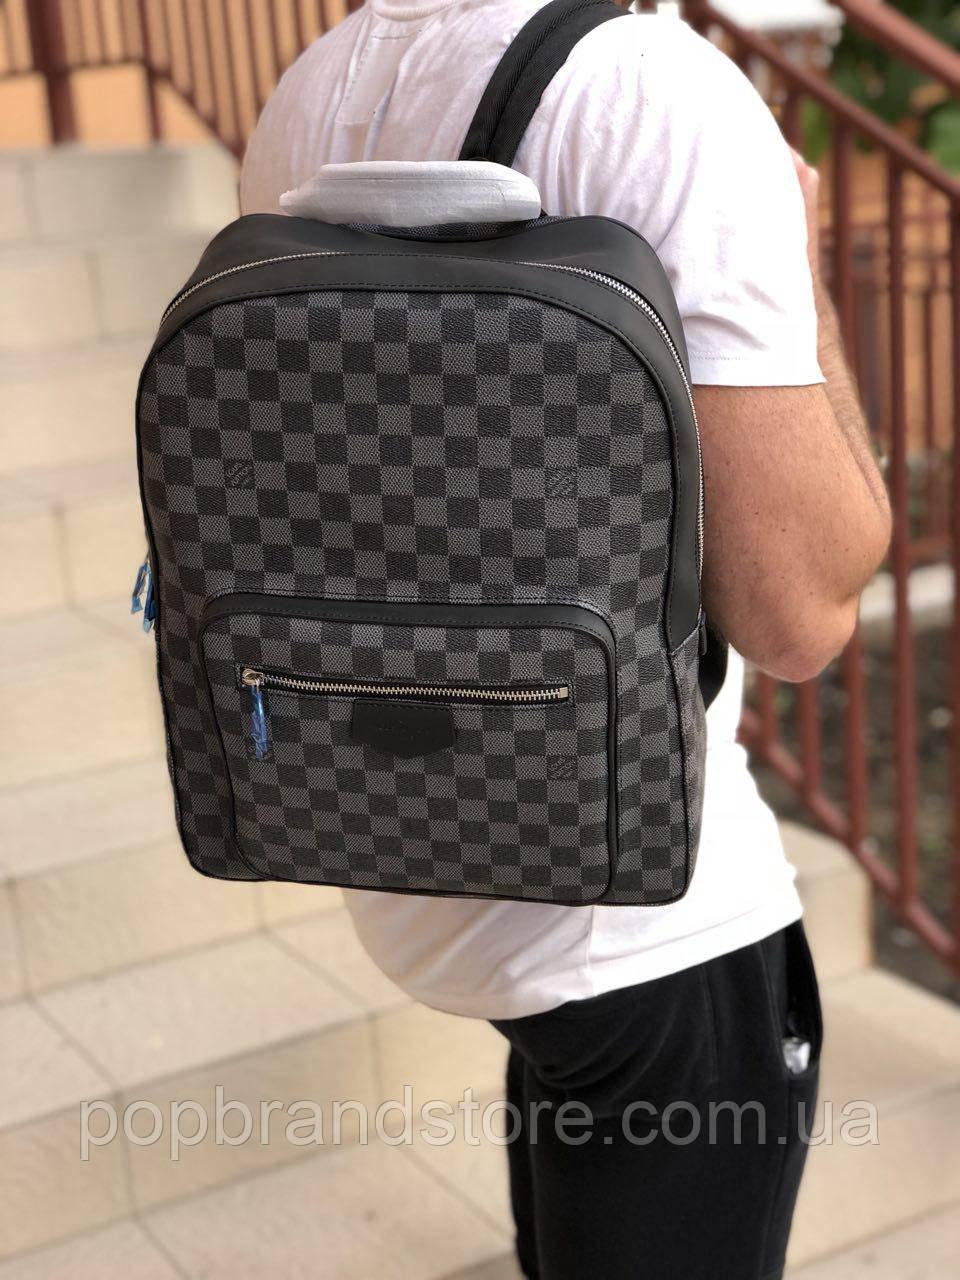 956fd273b1e5 Крутой мужской рюкзак Louis Vuitton JOSH натуральная кожа (реплика) - Pop  Brand Store